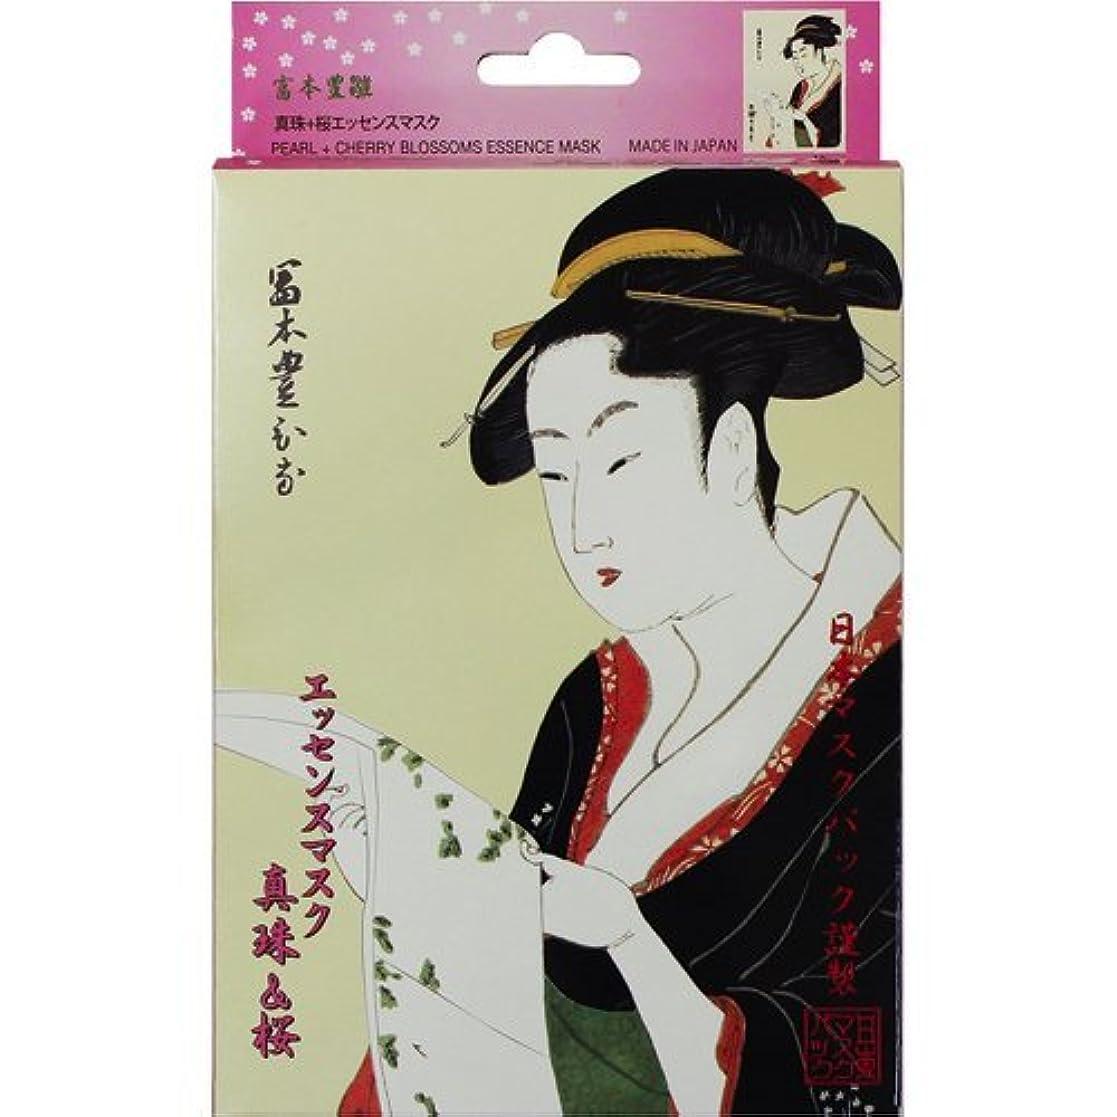 コール伝統企業エッセンスマスク +桜10枚